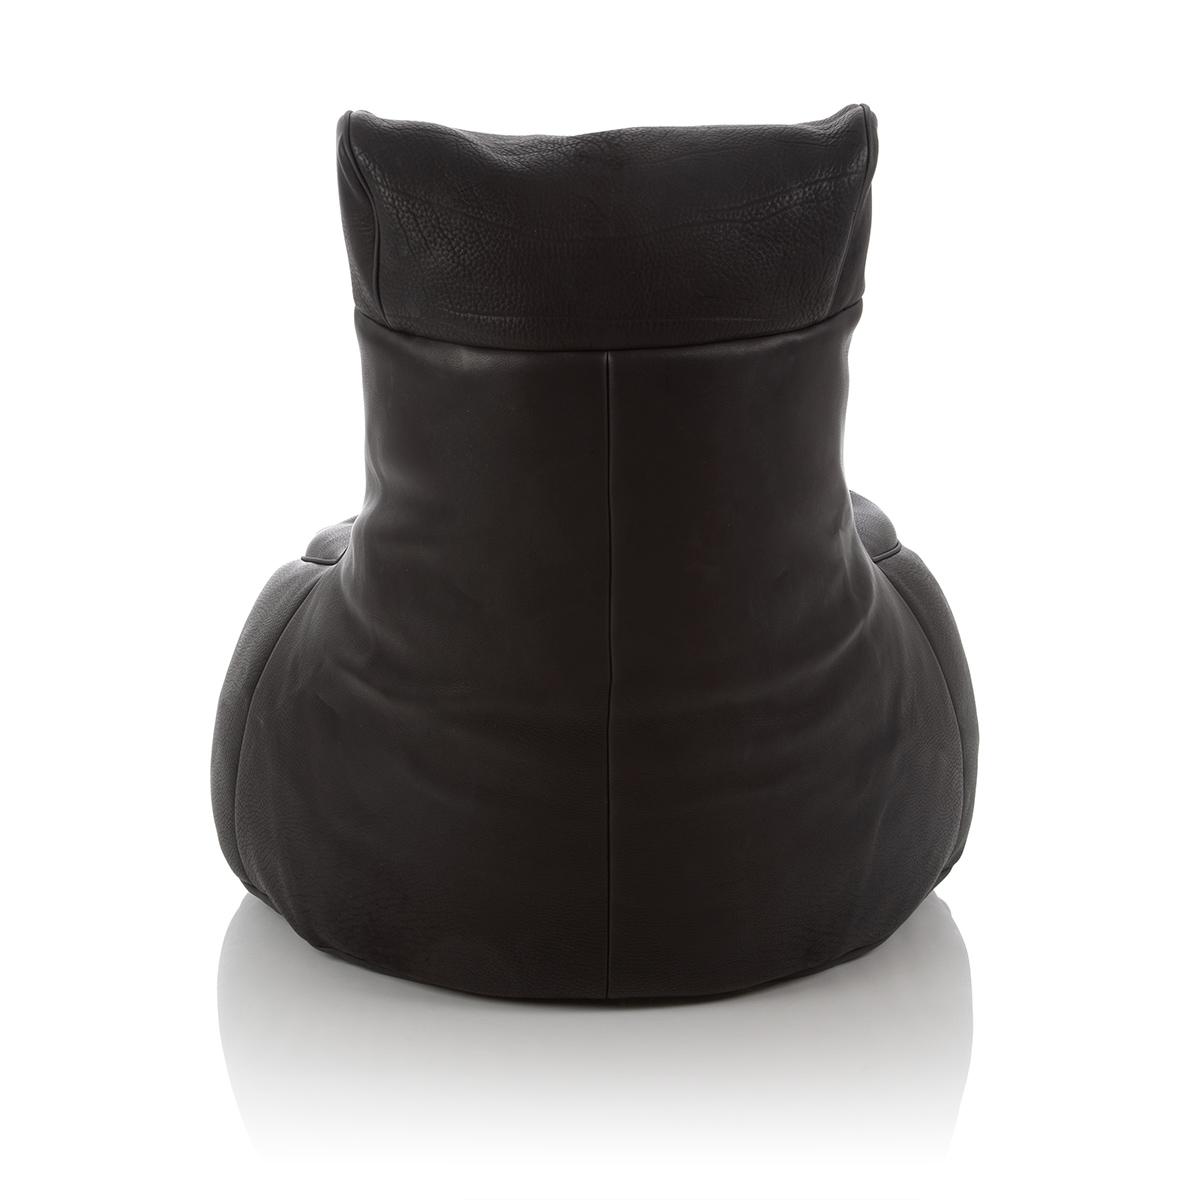 XXL Gaming Sitzsack mit Rueckenlehne aus Leder schwarz